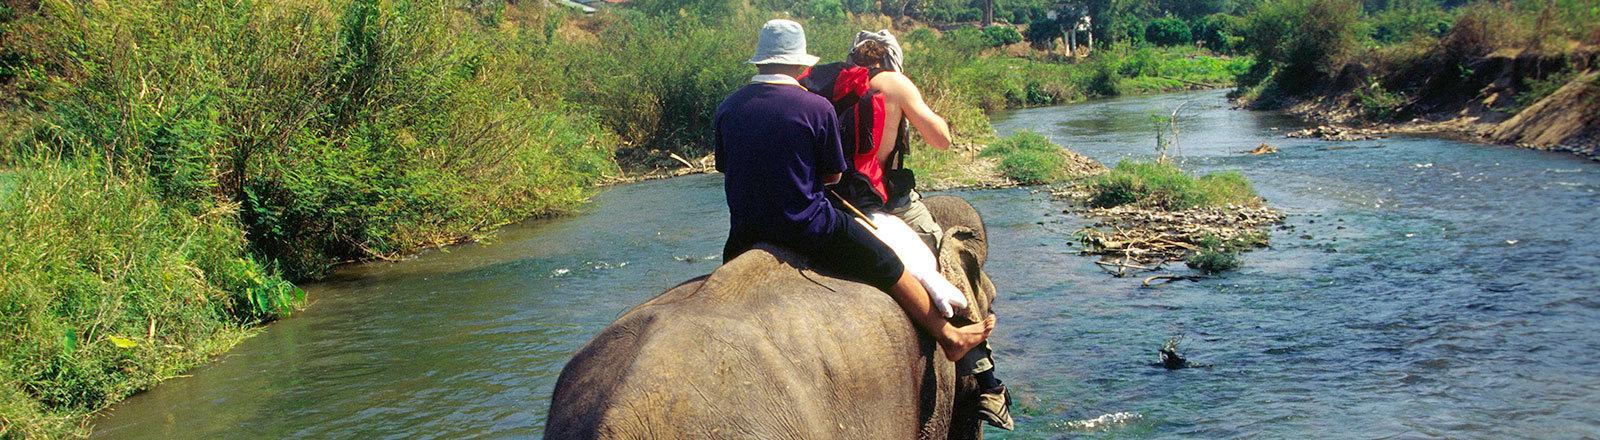 Menschen reiten auf einem Elefant